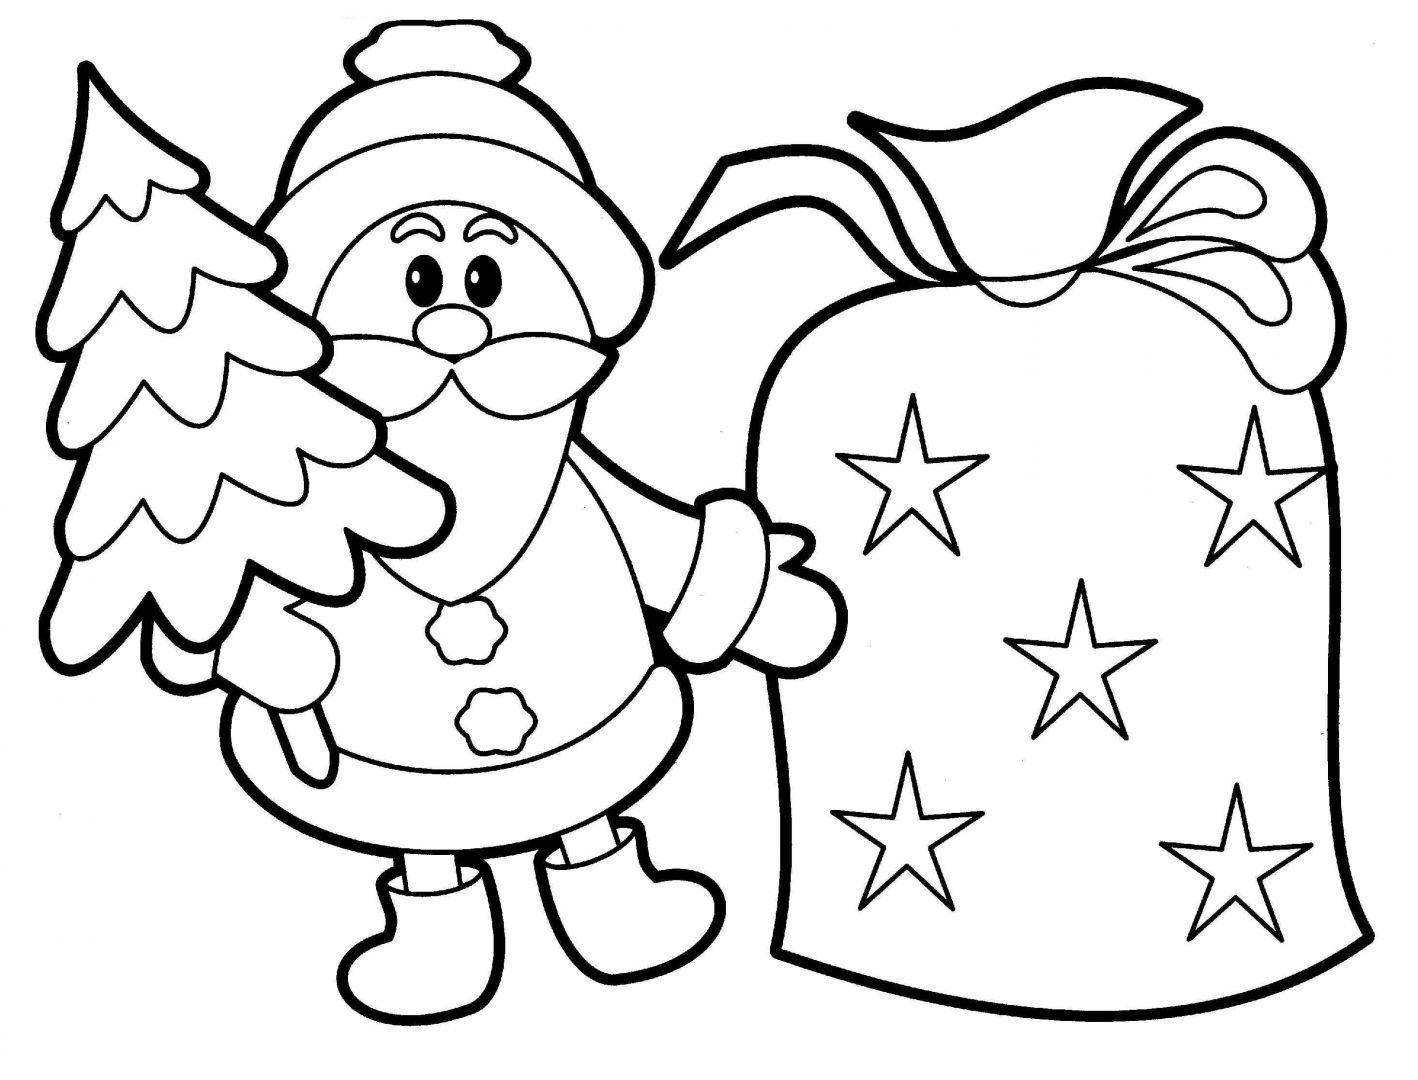 Dibujos De Navidad Para Colorear E Imprimir Gratis Imagenes Con Dib Dibujo Navidad Para Colorear Hojas De Navidad Para Colorear Arbol De Navidad Para Colorear